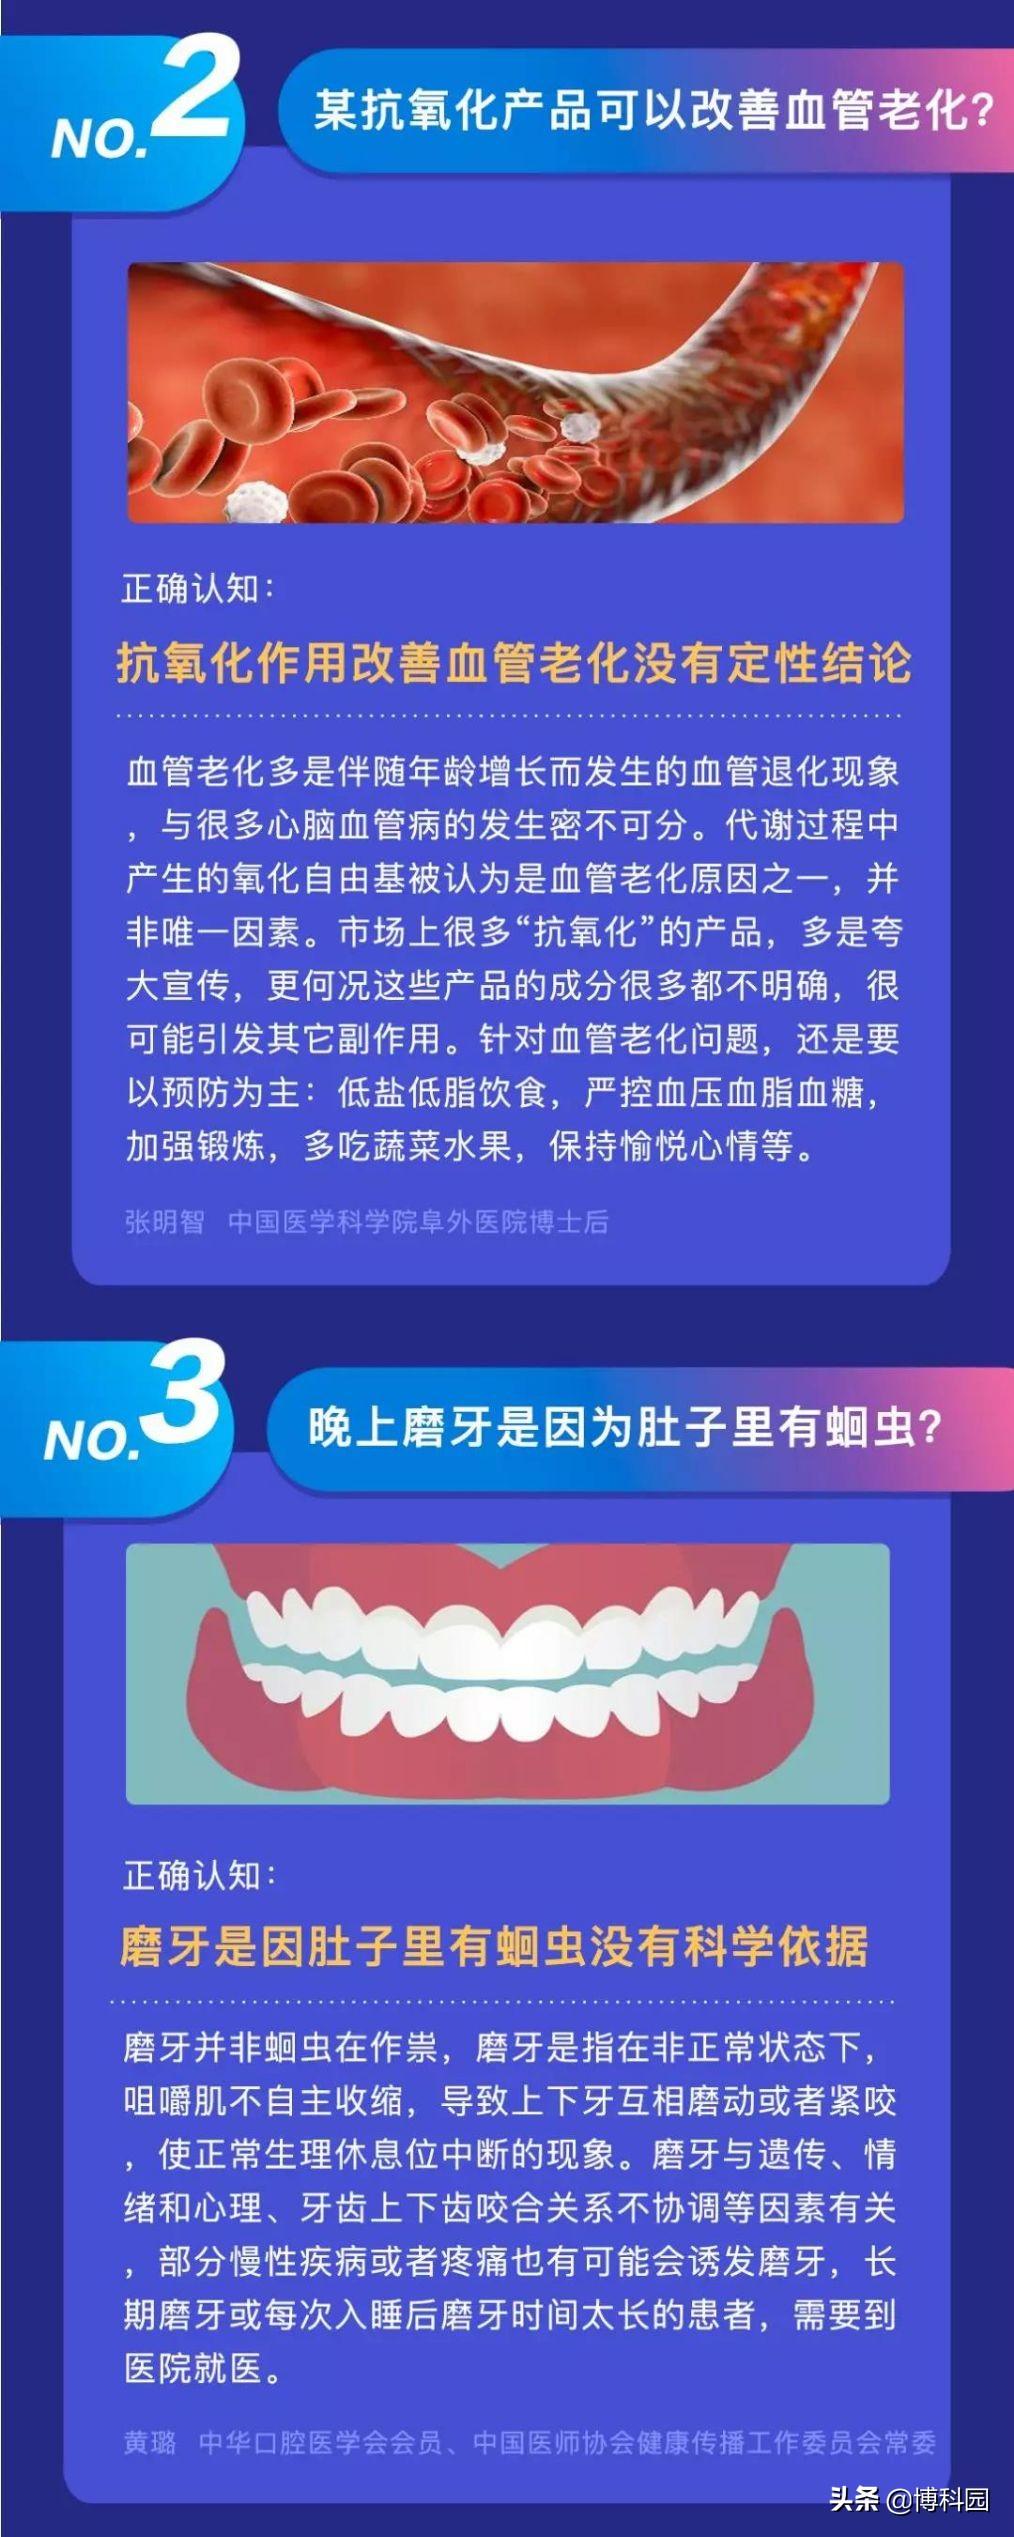 晚上吃生姜胜似吃砒霜?香蕉能治便秘?这10大谣言你中了几个?